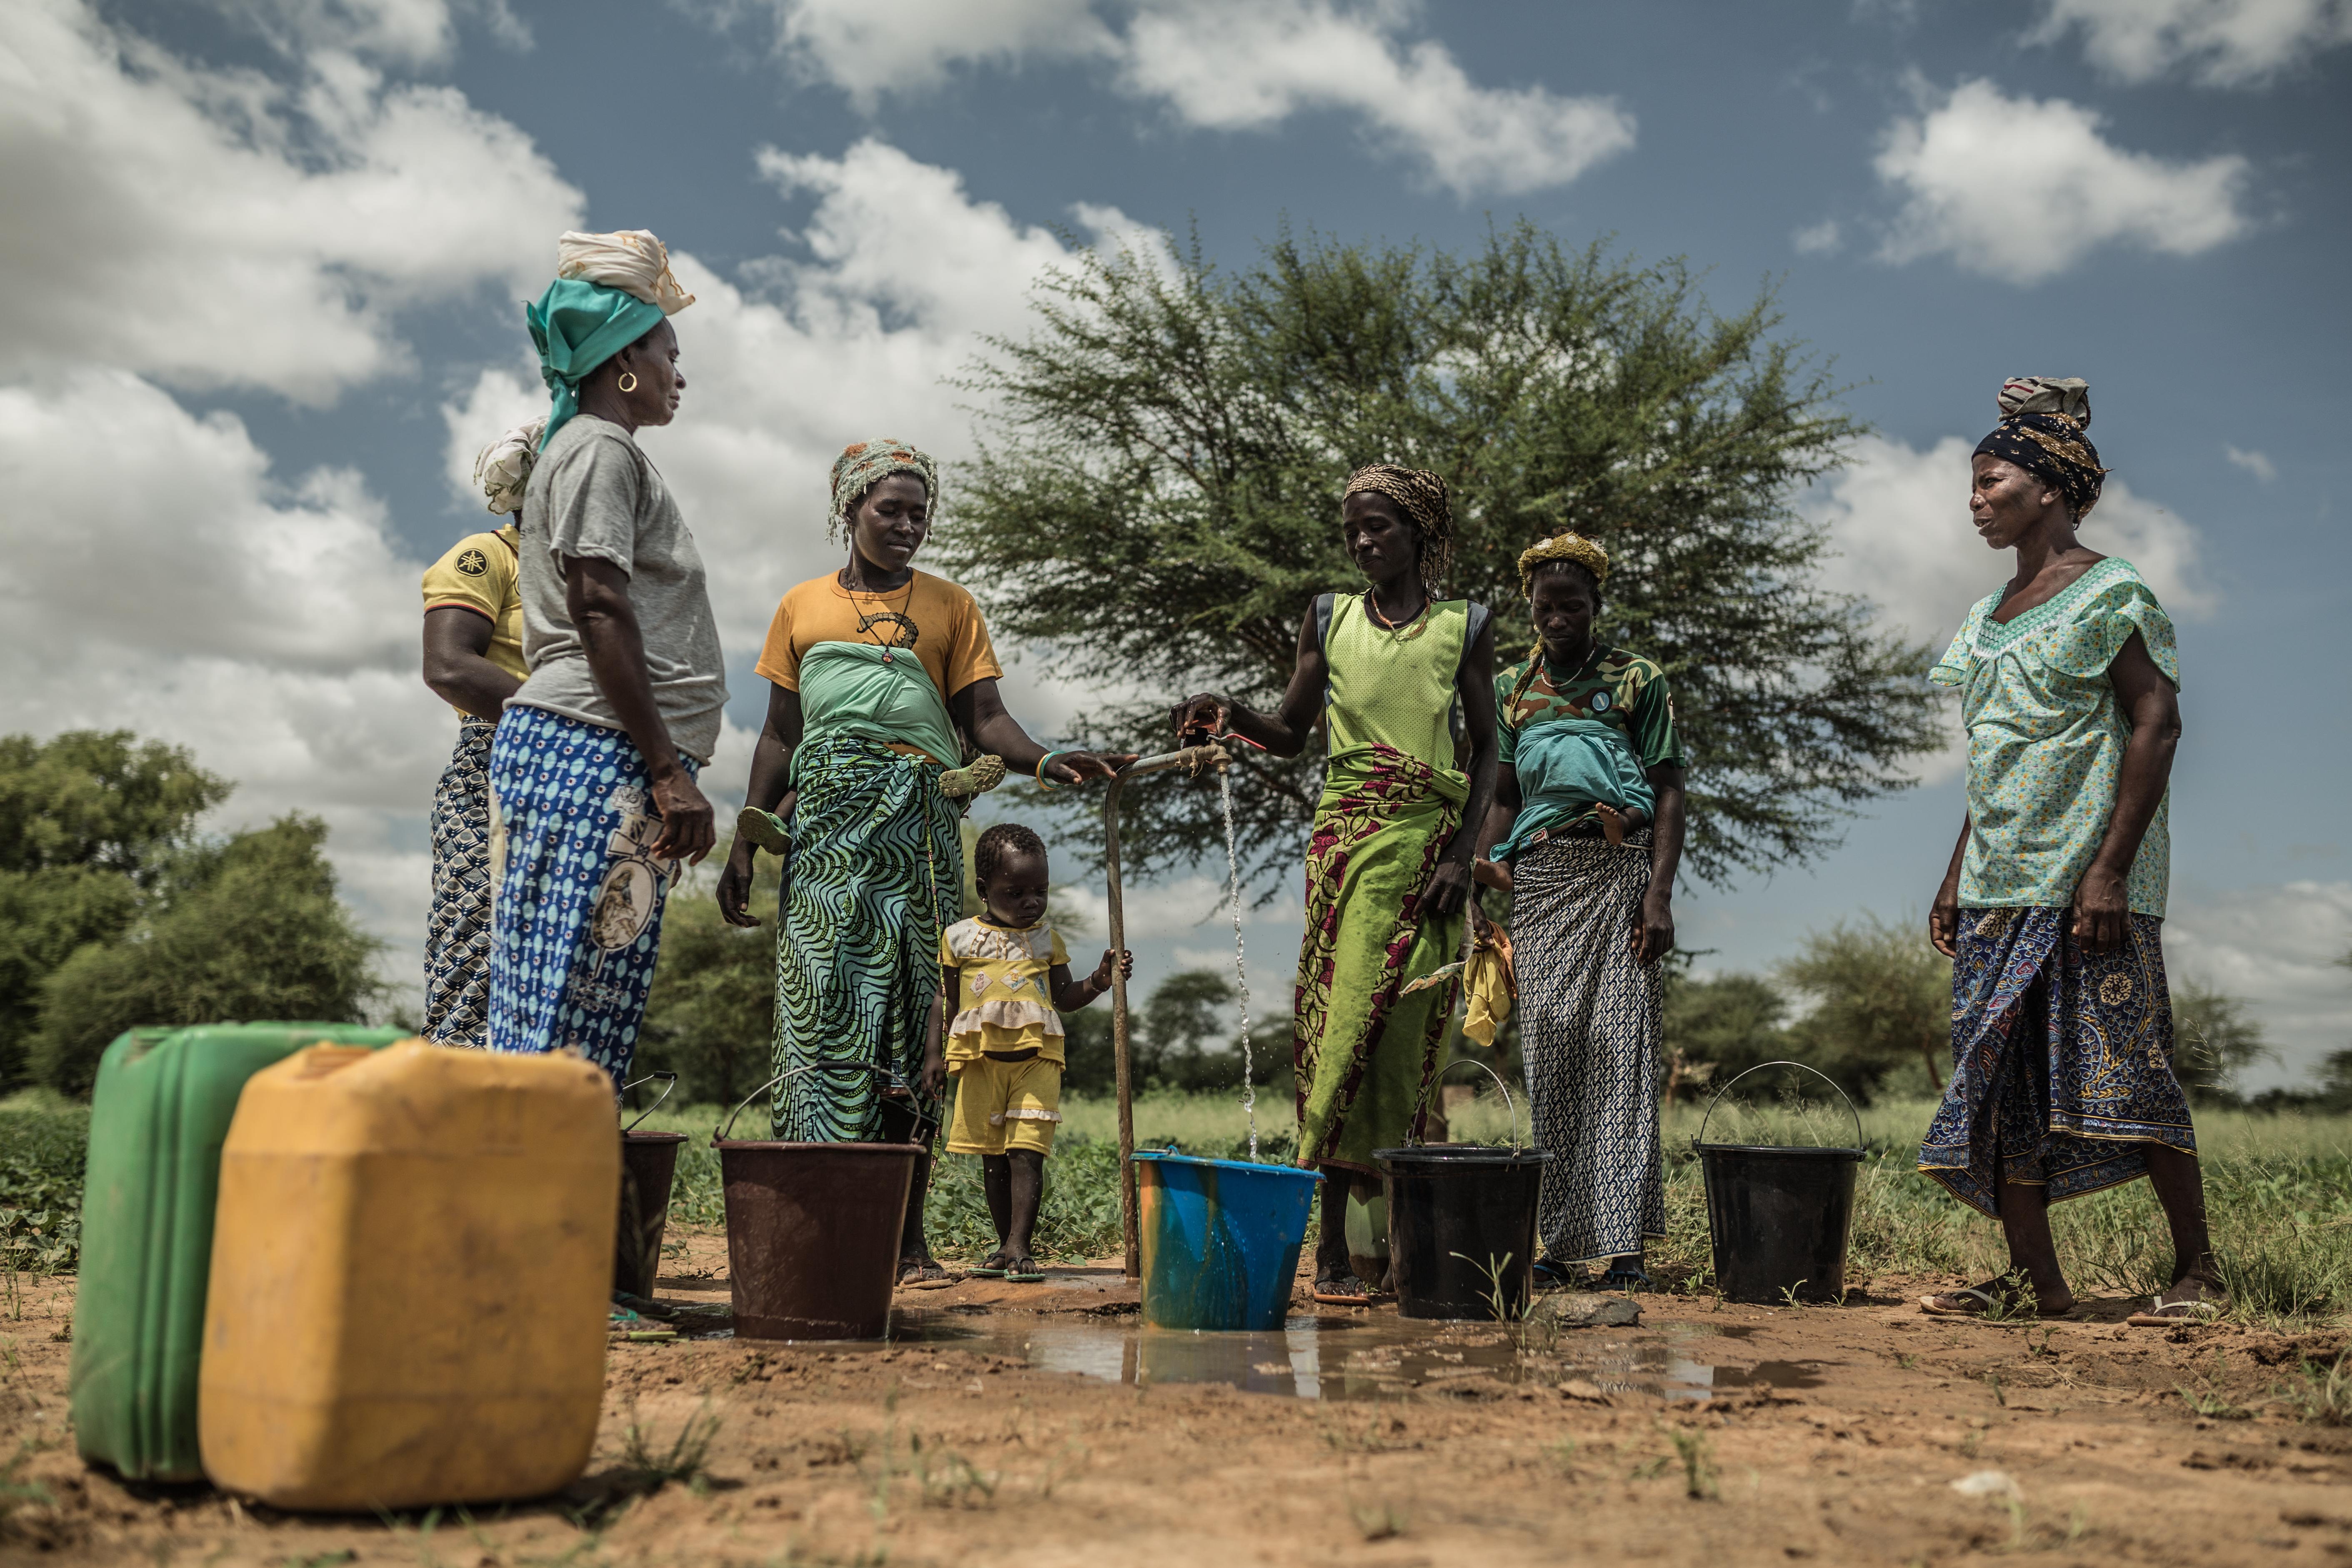 Noaga Ouèda (à droite), avec d'autres femmes de son village, prend de l'eau potable à un robinet alimenté par le château d'eau installé dans son village et qui fonctionne à l'énergie solaire.